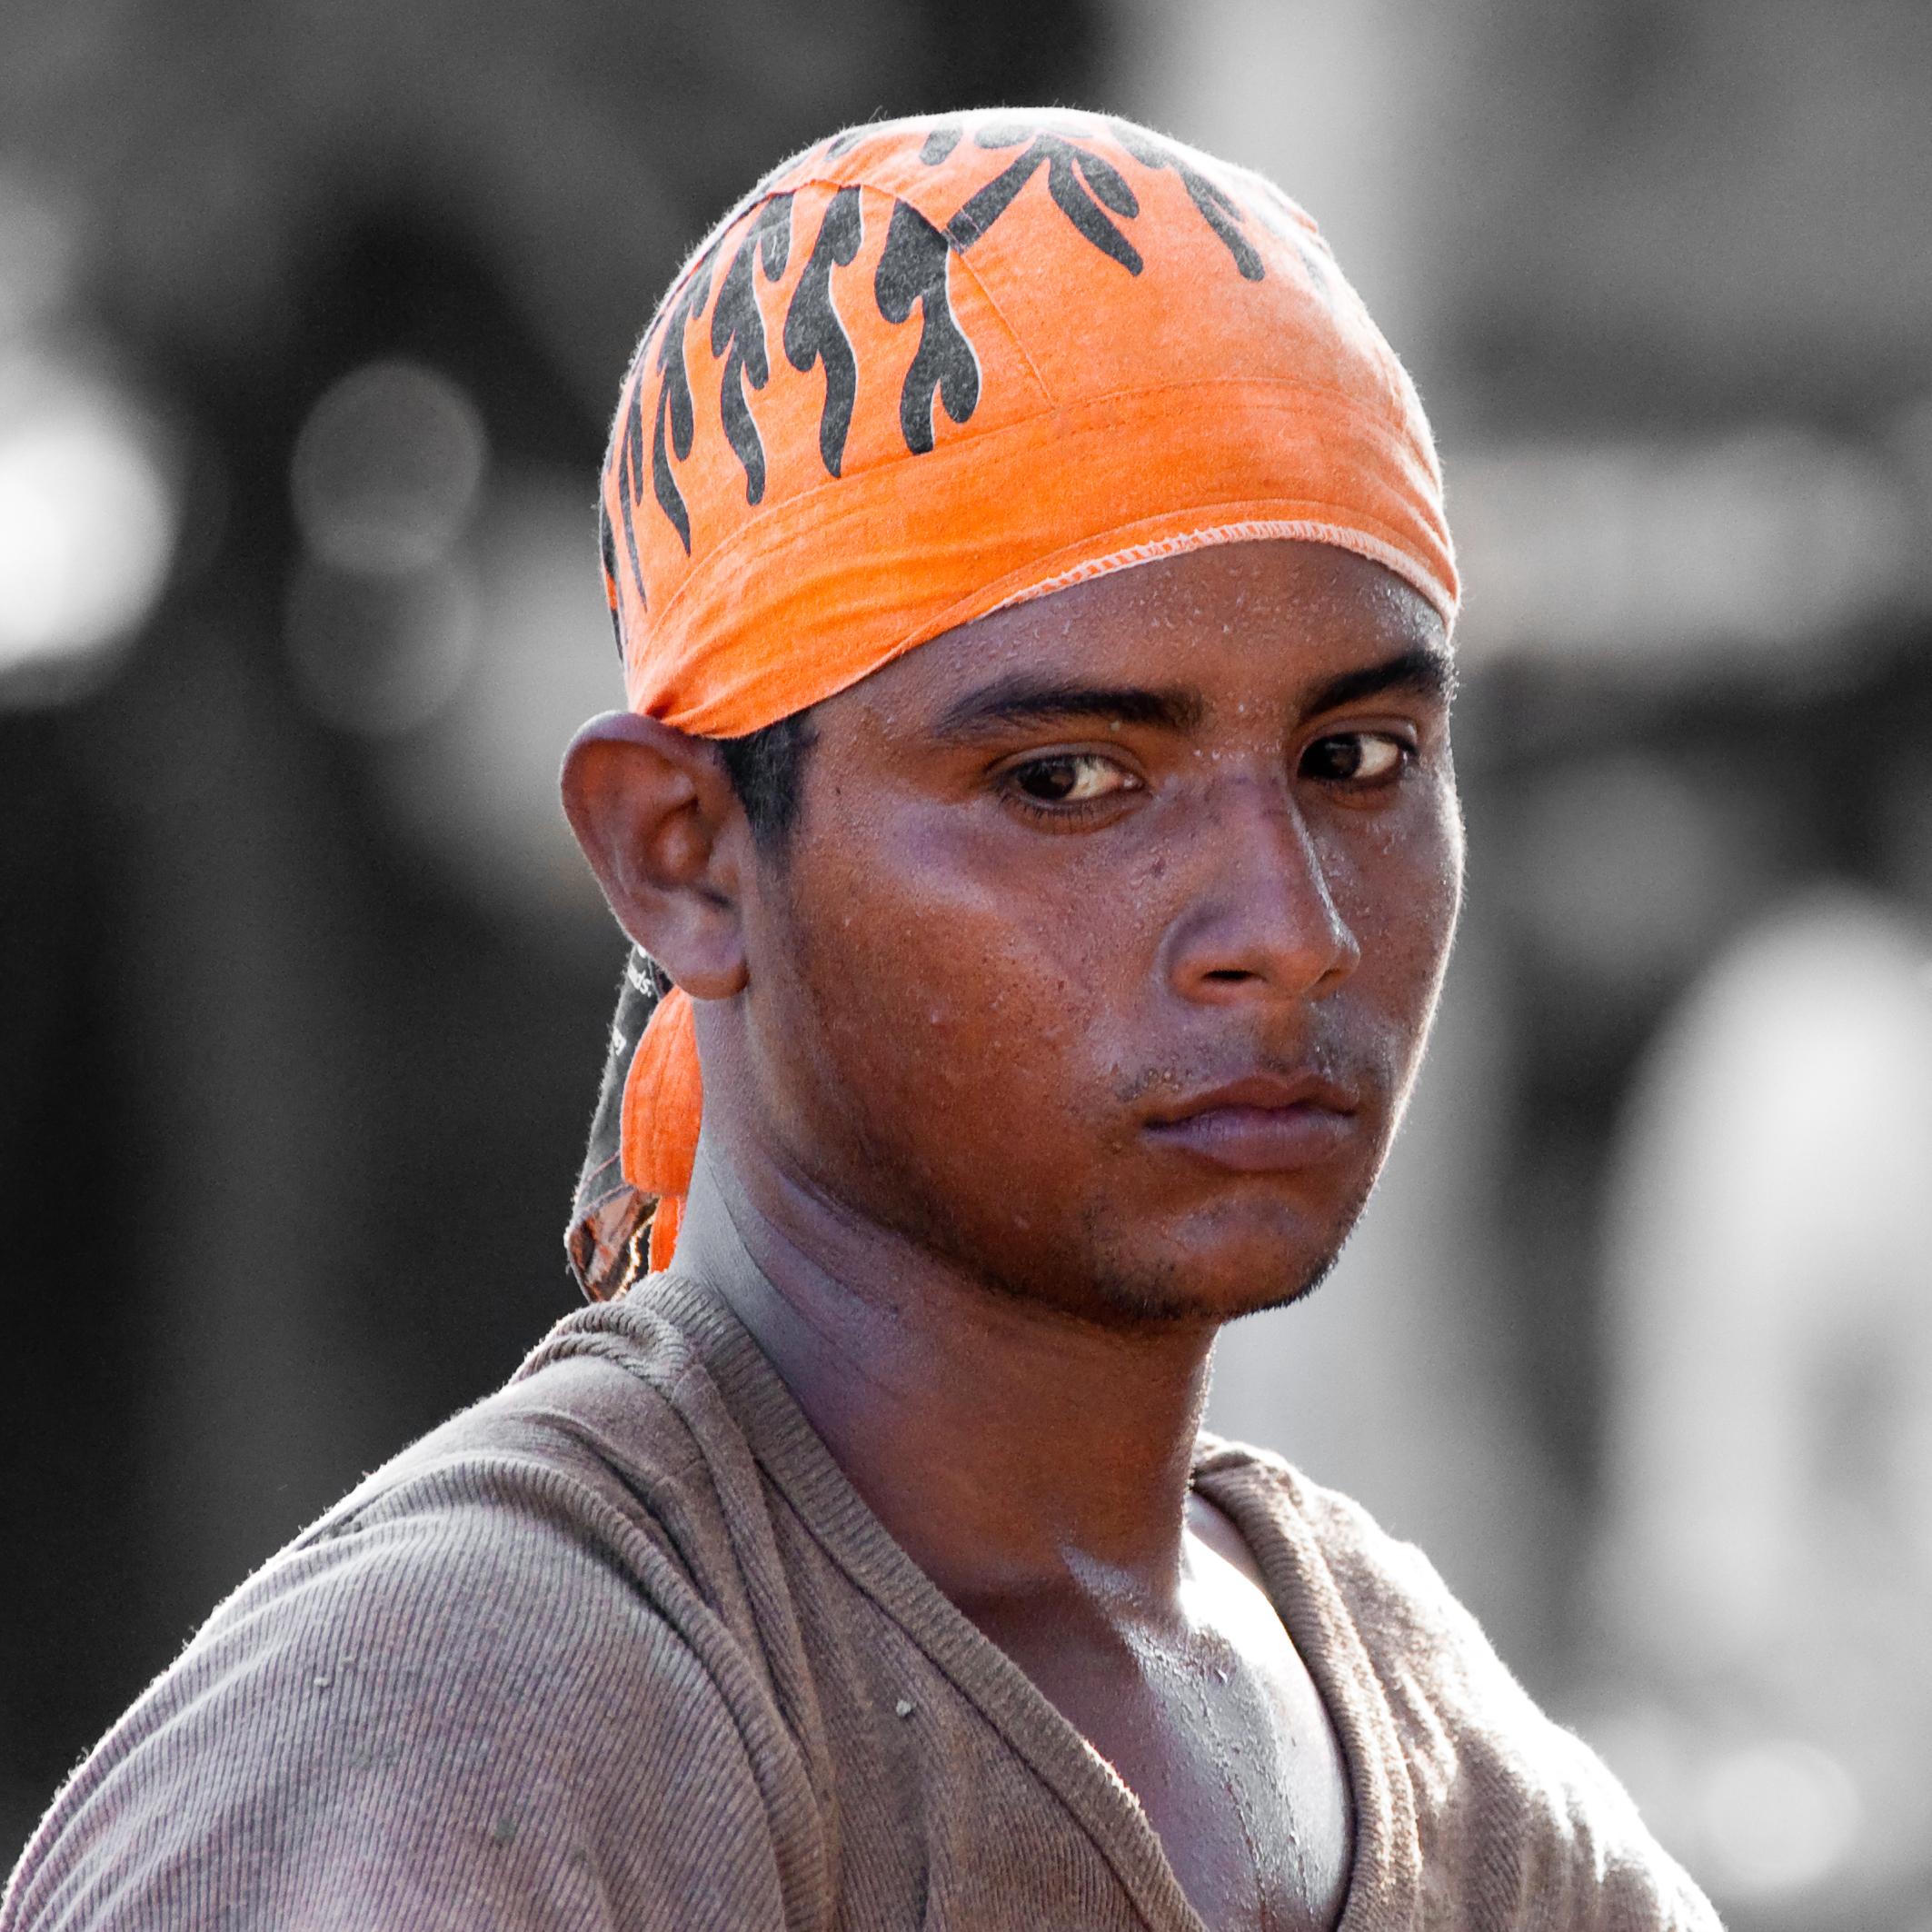 Hombre Trabajando (Nicaragua)